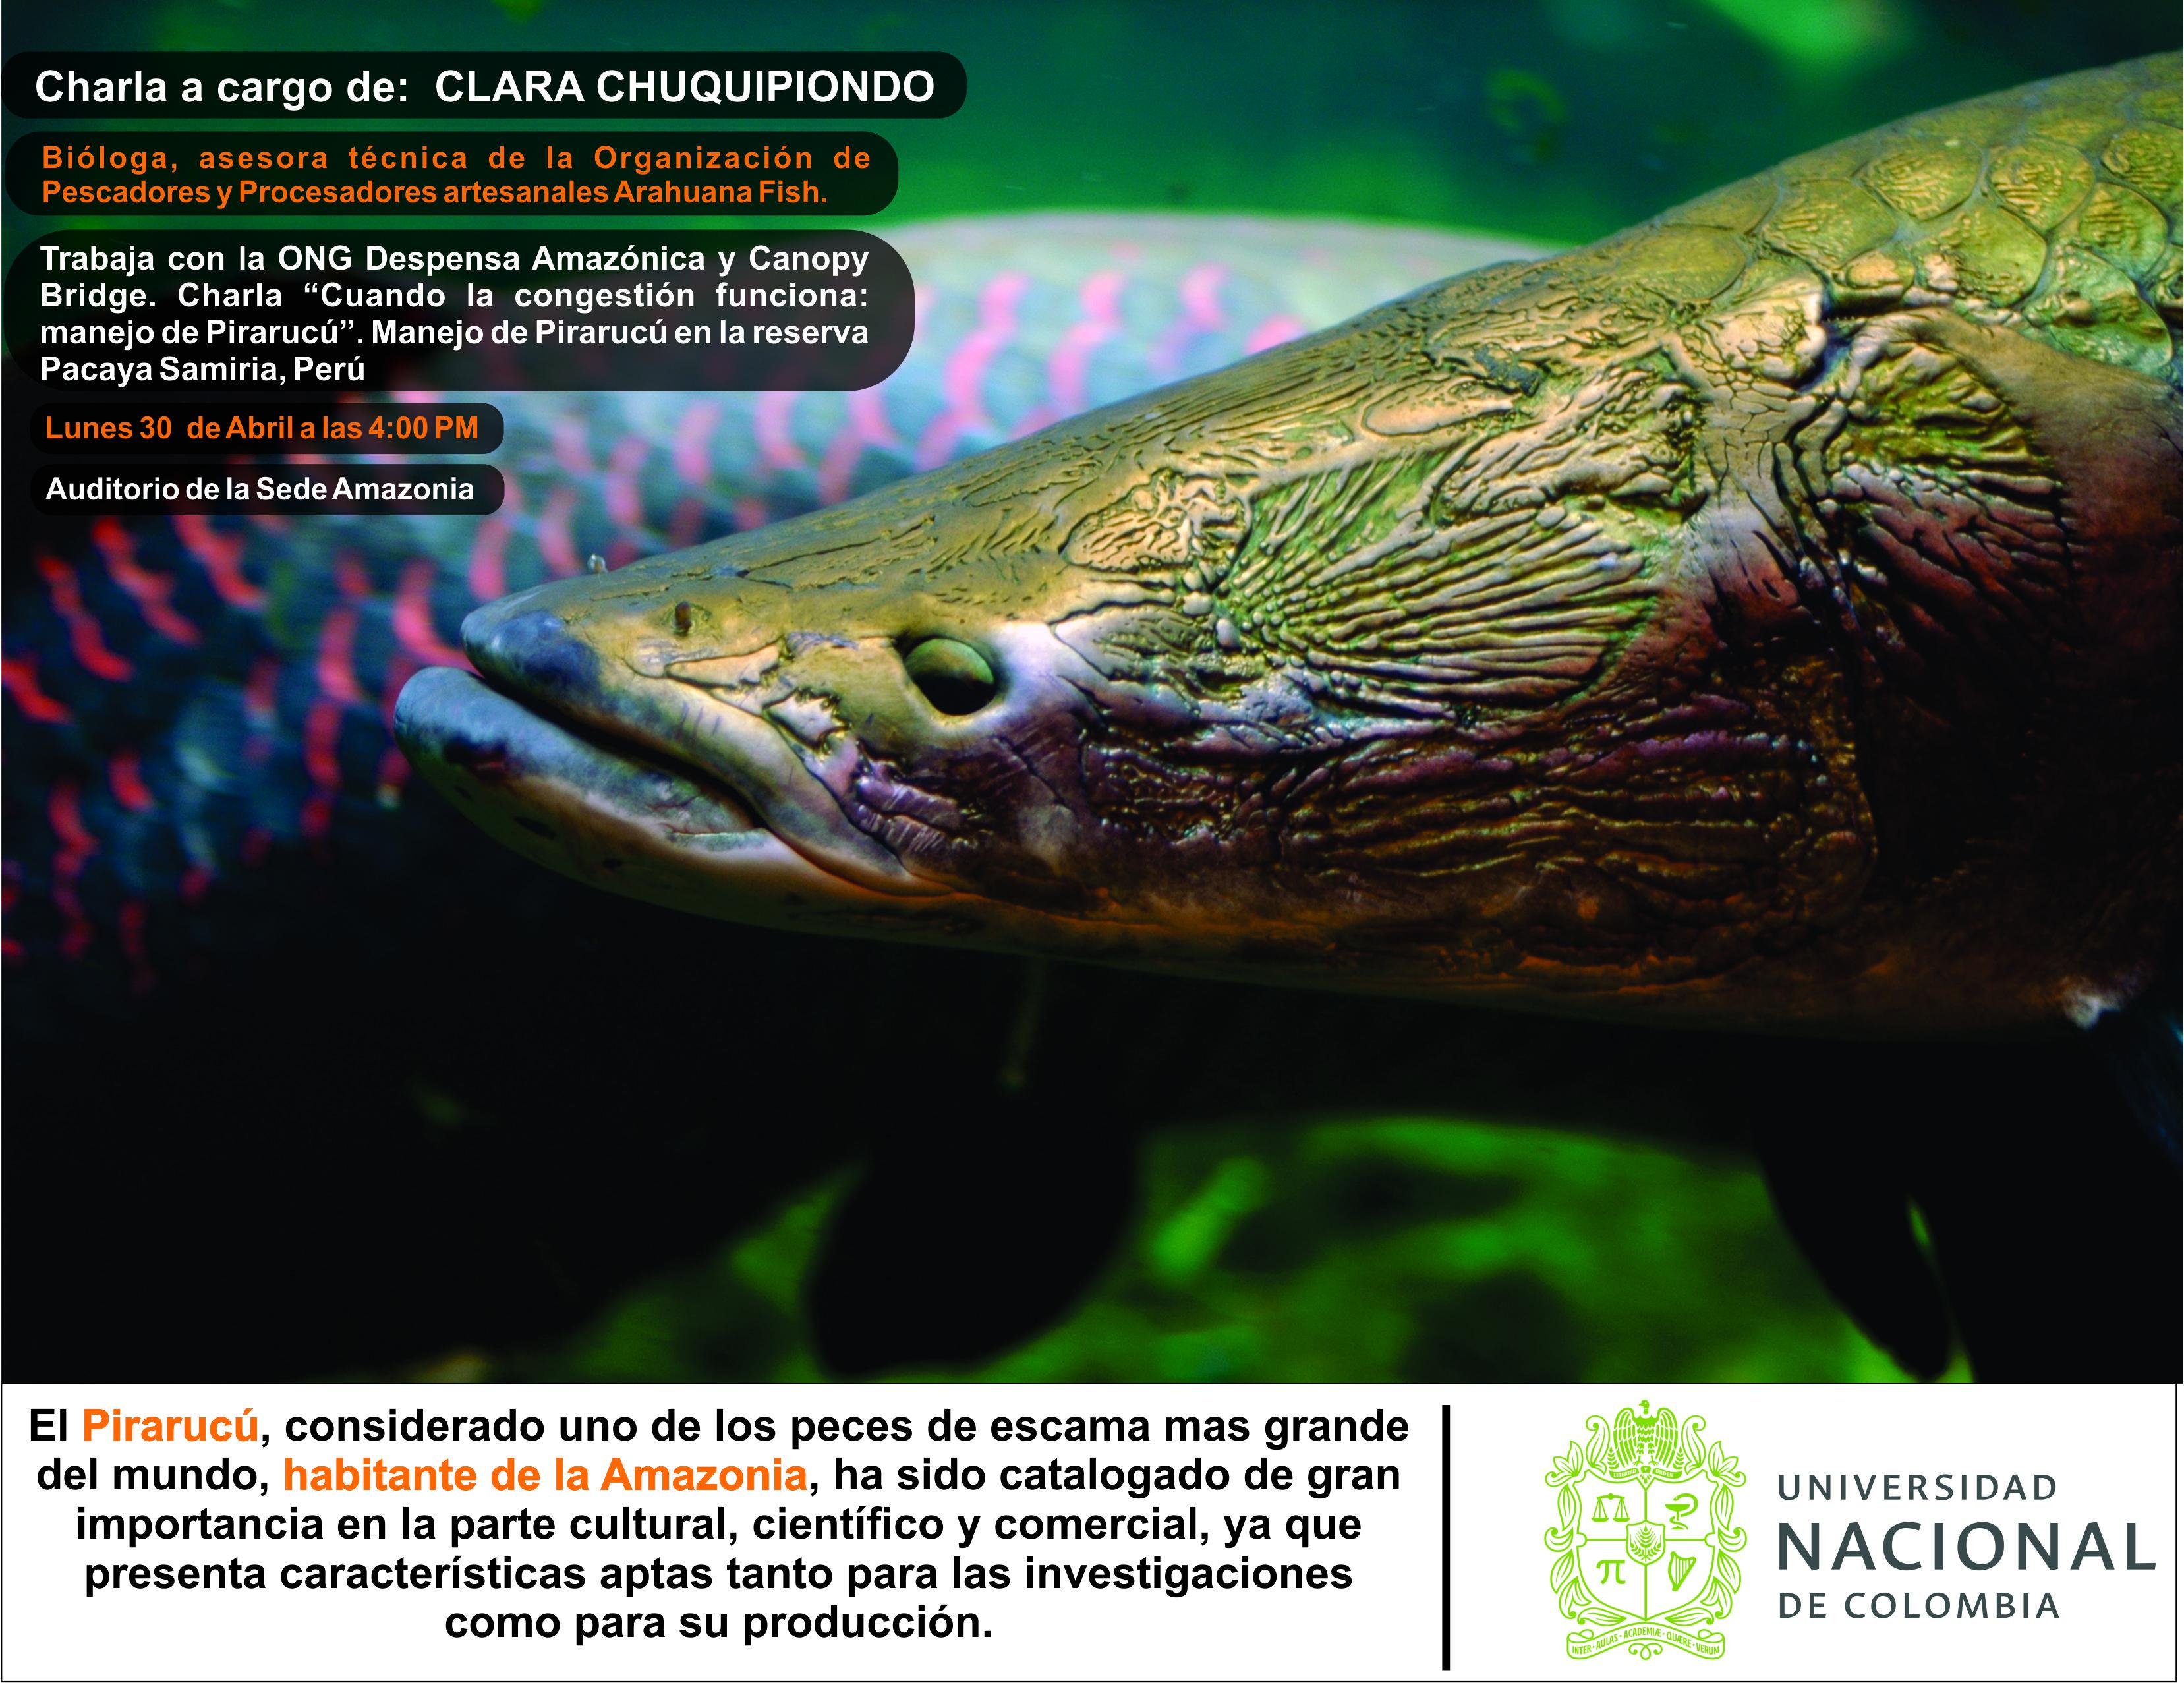 Charla «Cuando la congestión funciona: manejo de pirarucú». Manejo de pirarucú en la reserva Pacaya Samiria (Perú)